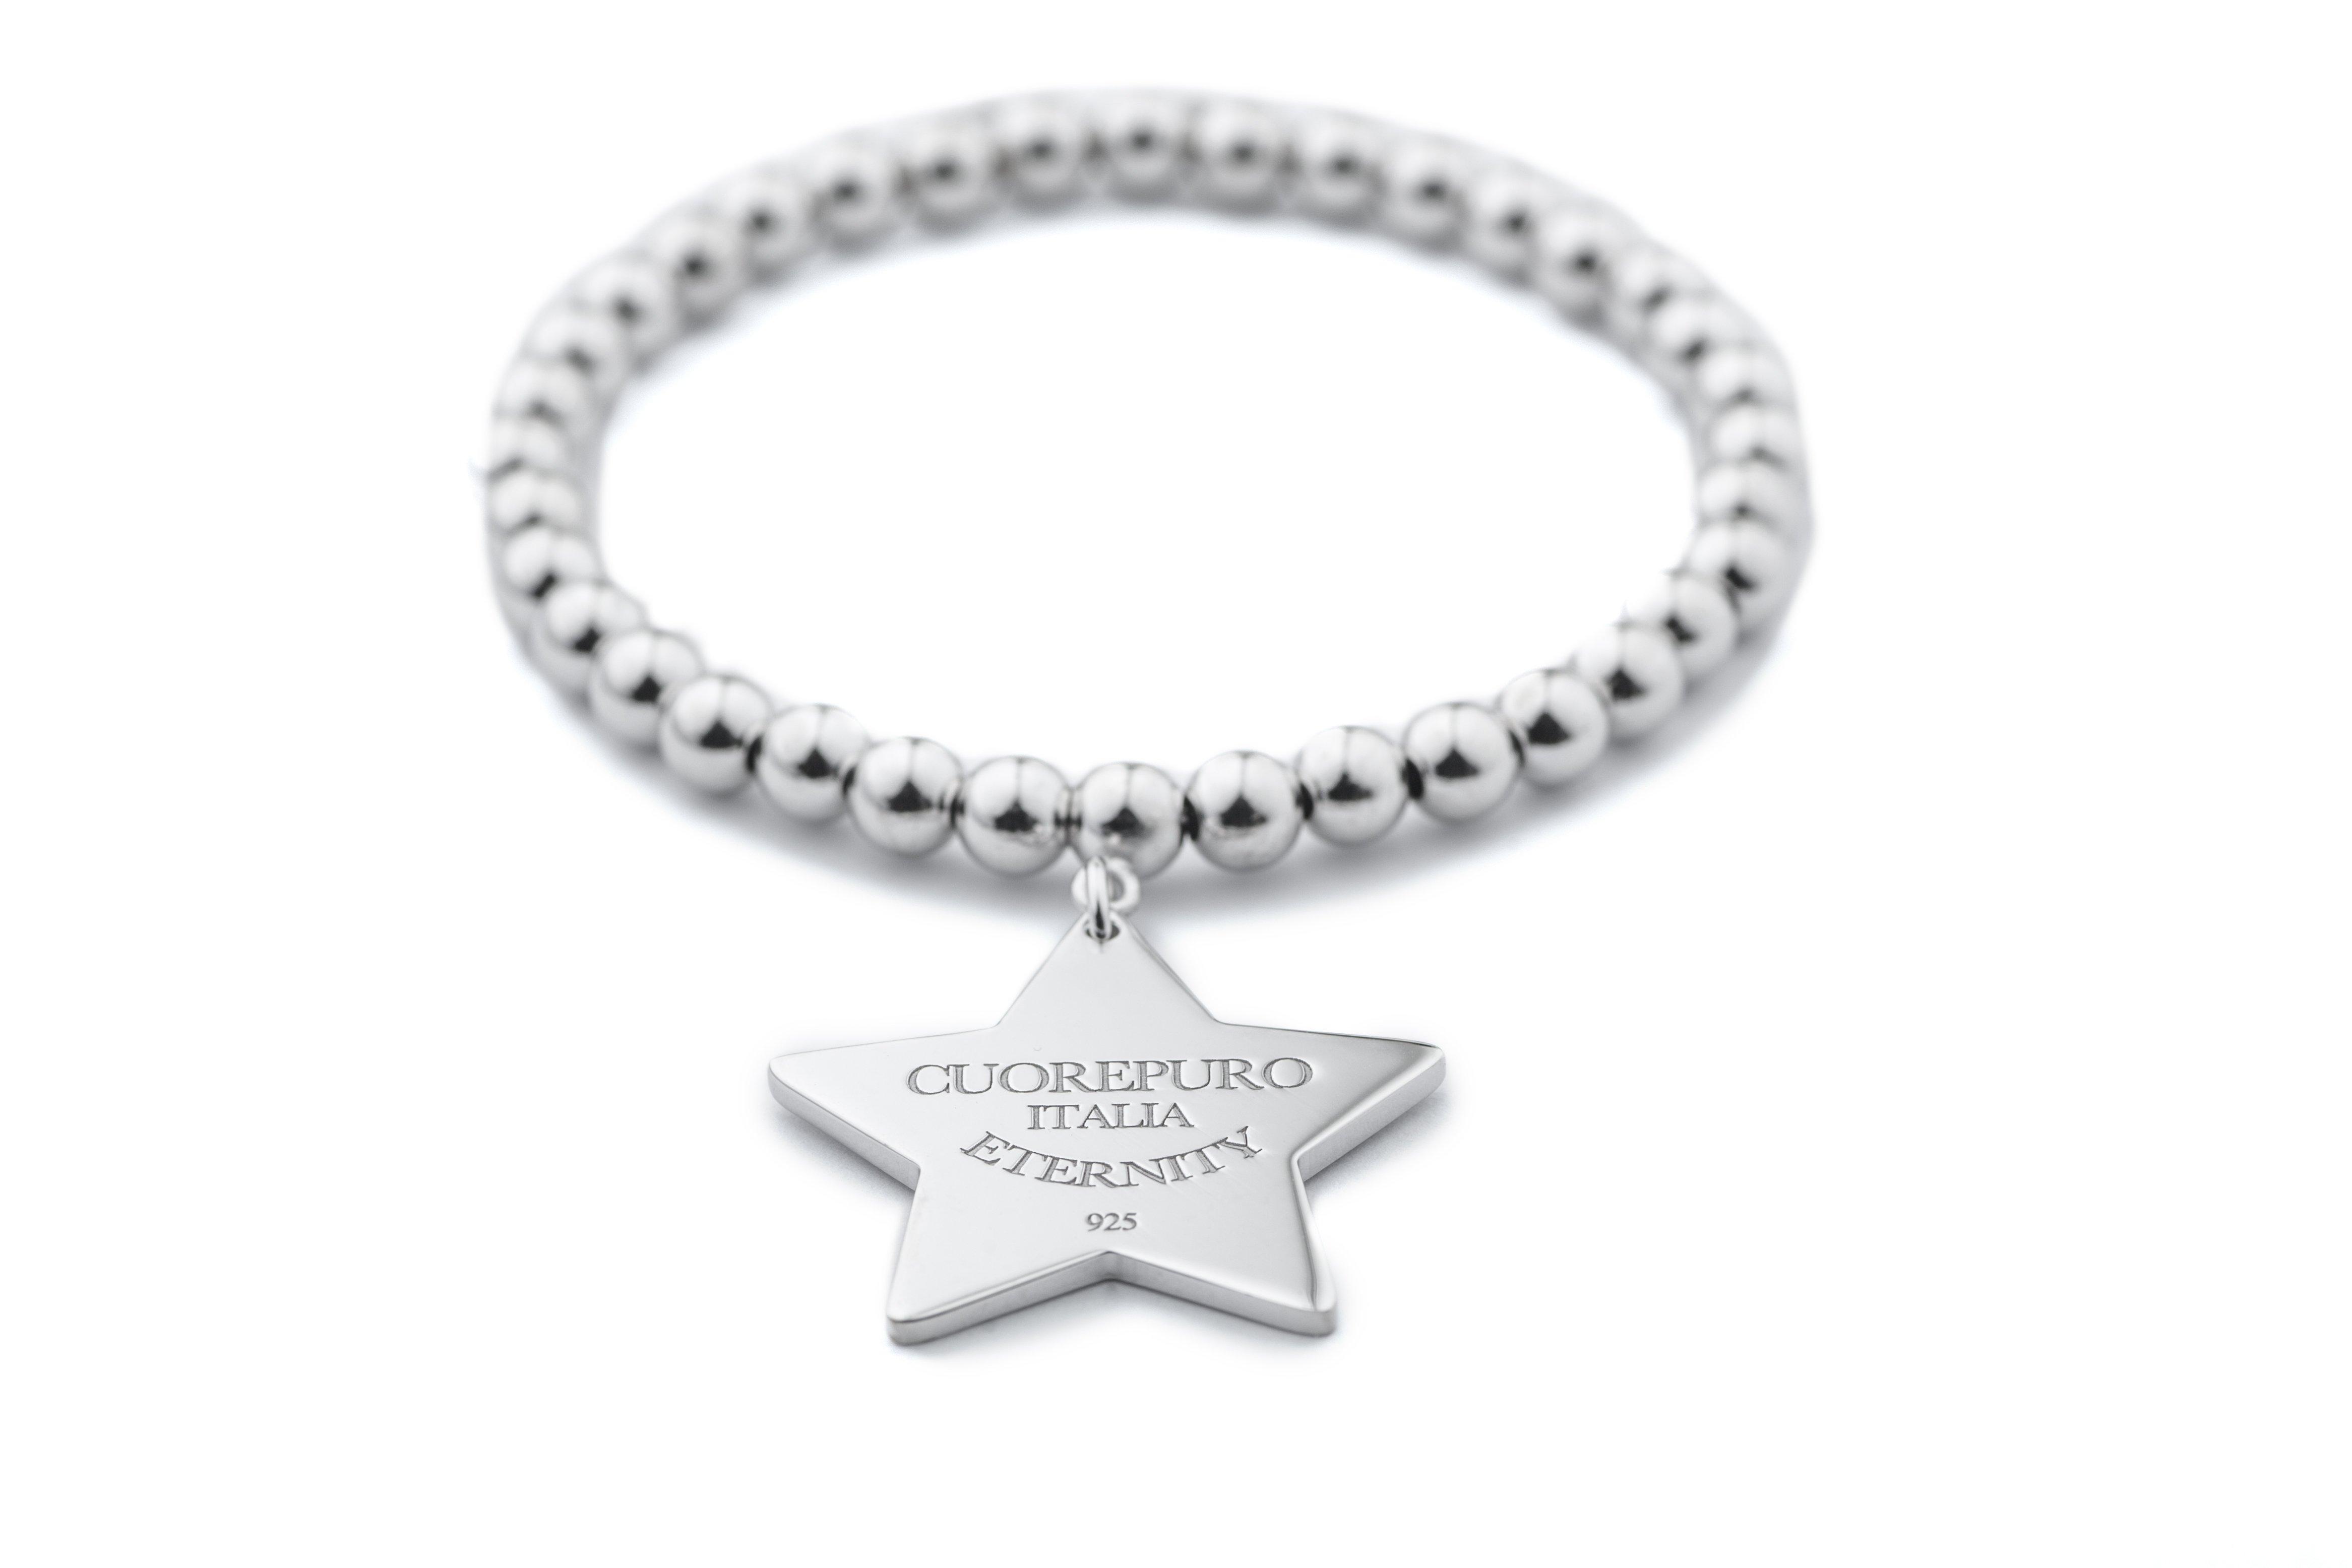 Braccialetto in metallo chiaro con placchetta a forma di stella